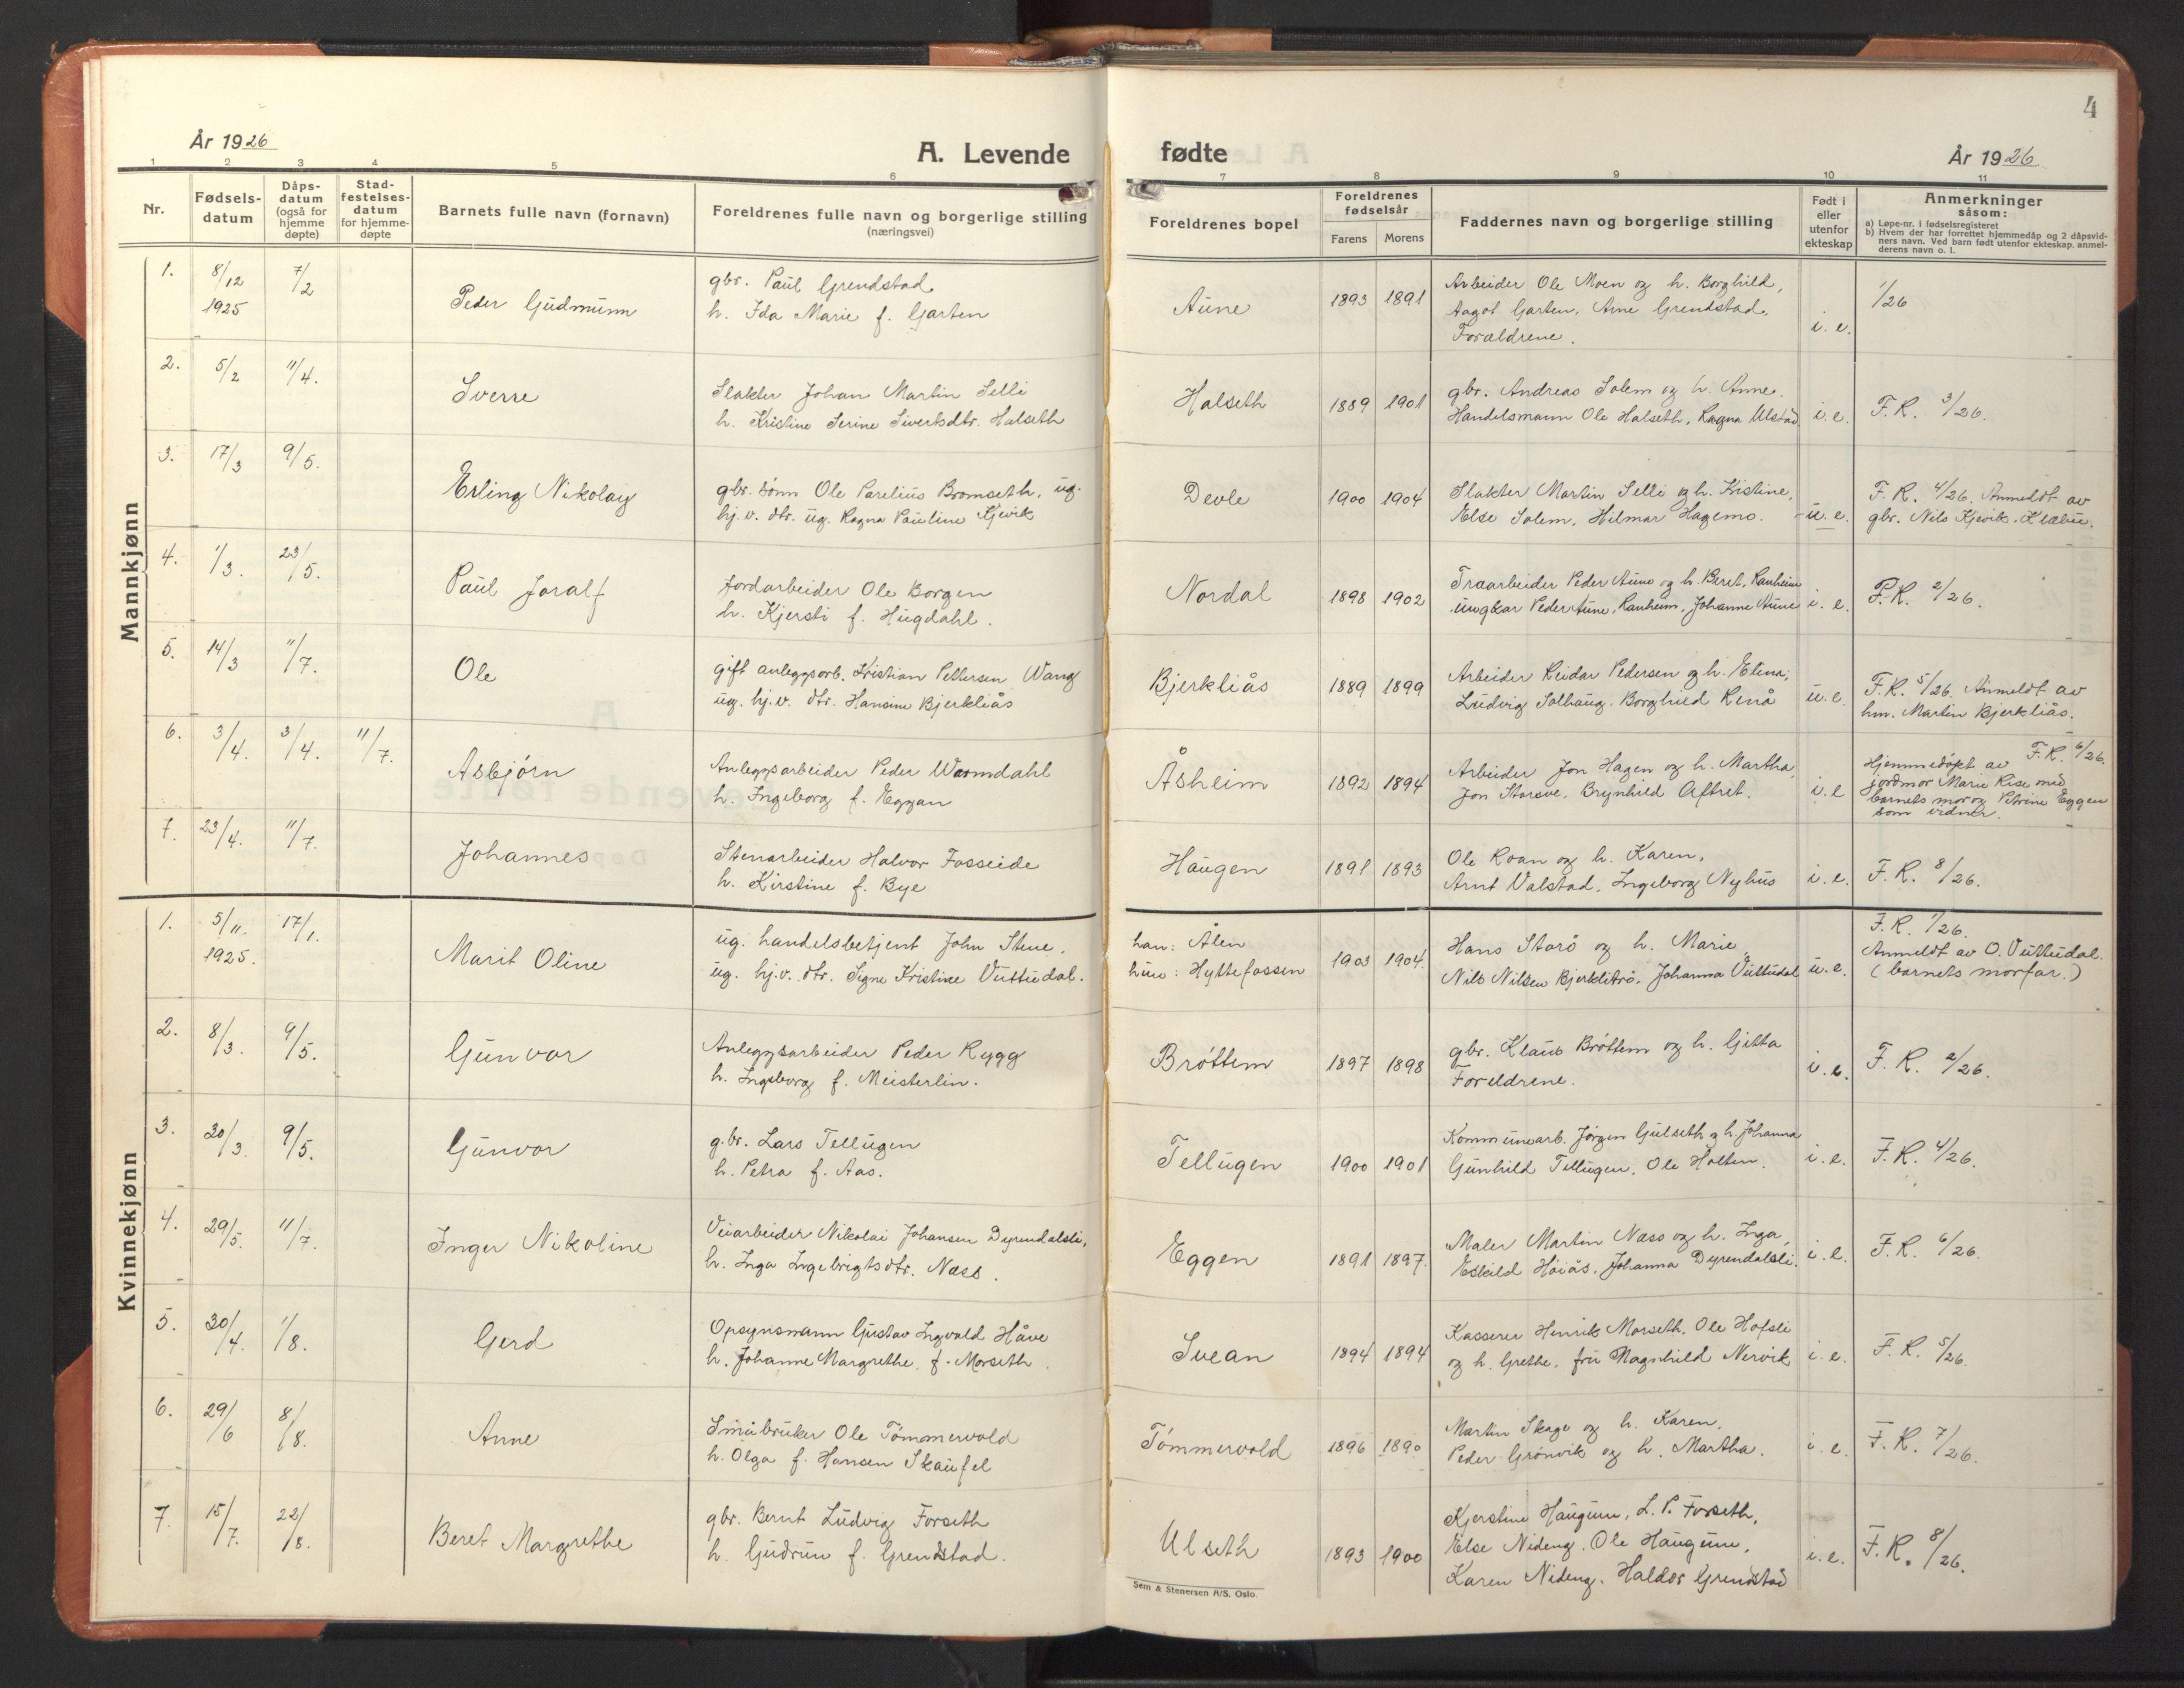 SAT, Ministerialprotokoller, klokkerbøker og fødselsregistre - Sør-Trøndelag, 618/L0454: Klokkerbok nr. 618C05, 1926-1946, s. 4